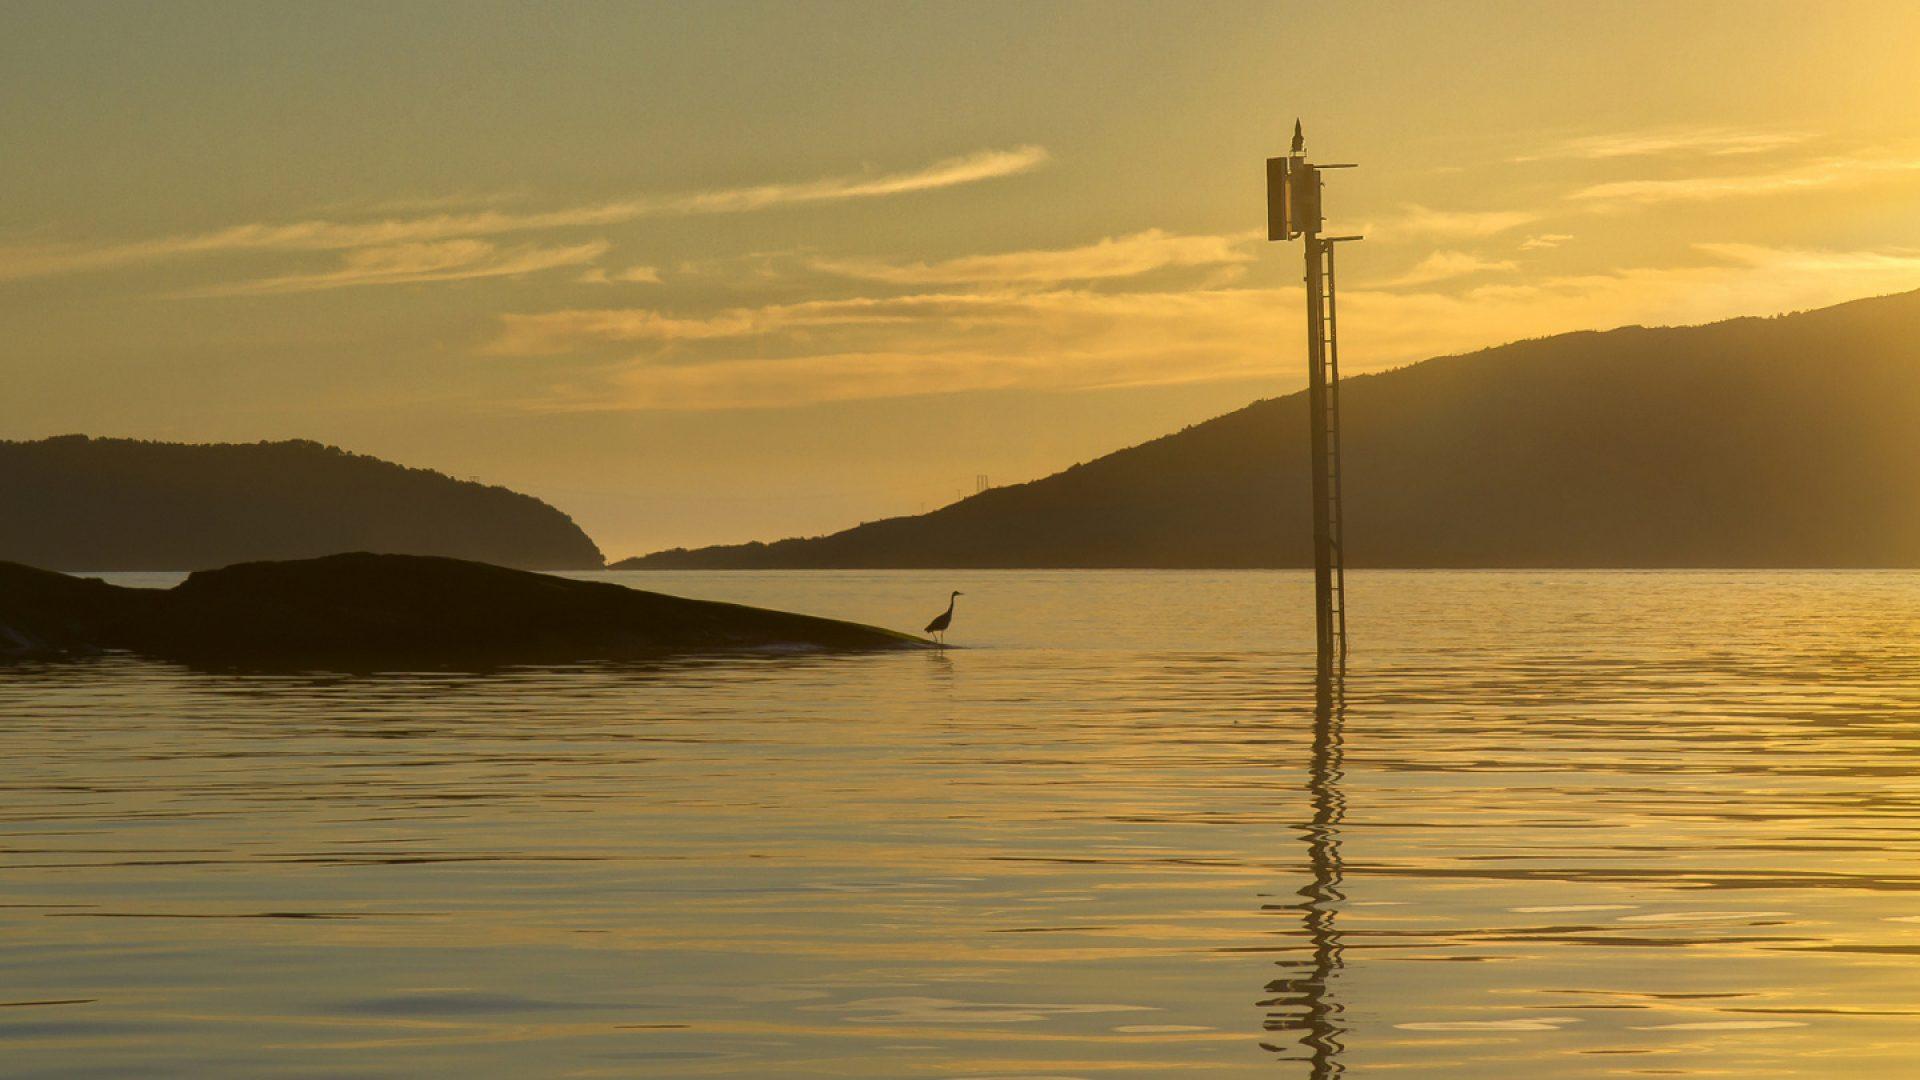 Speider utover havet. foto av Heidi Norum.